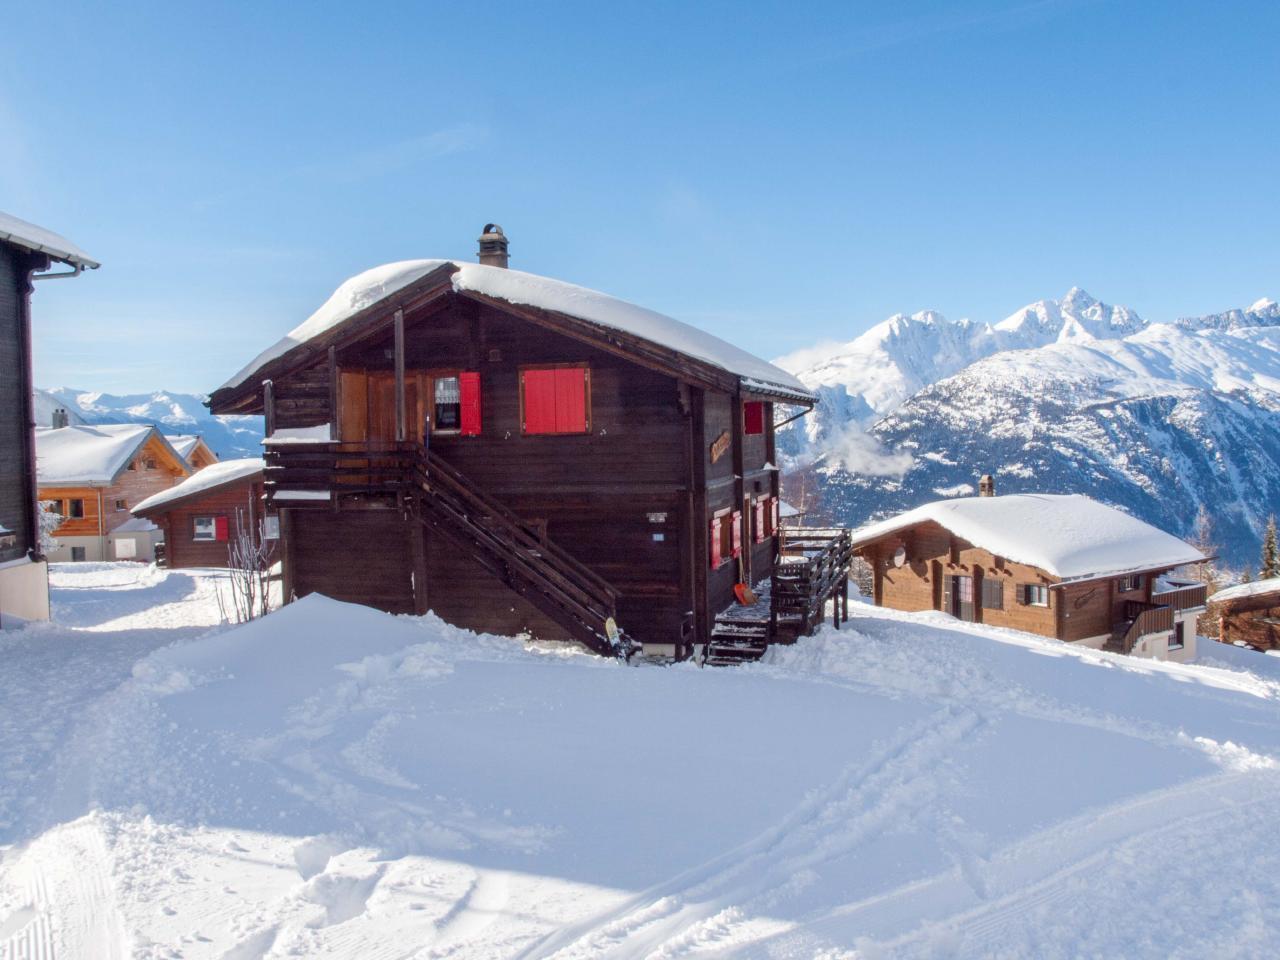 Ferienwohnung Urchiges Walliserchalet auf Rosswald | Alphütte OG (2171131), Rosswald, Brig - Simplon, Wallis, Schweiz, Bild 15